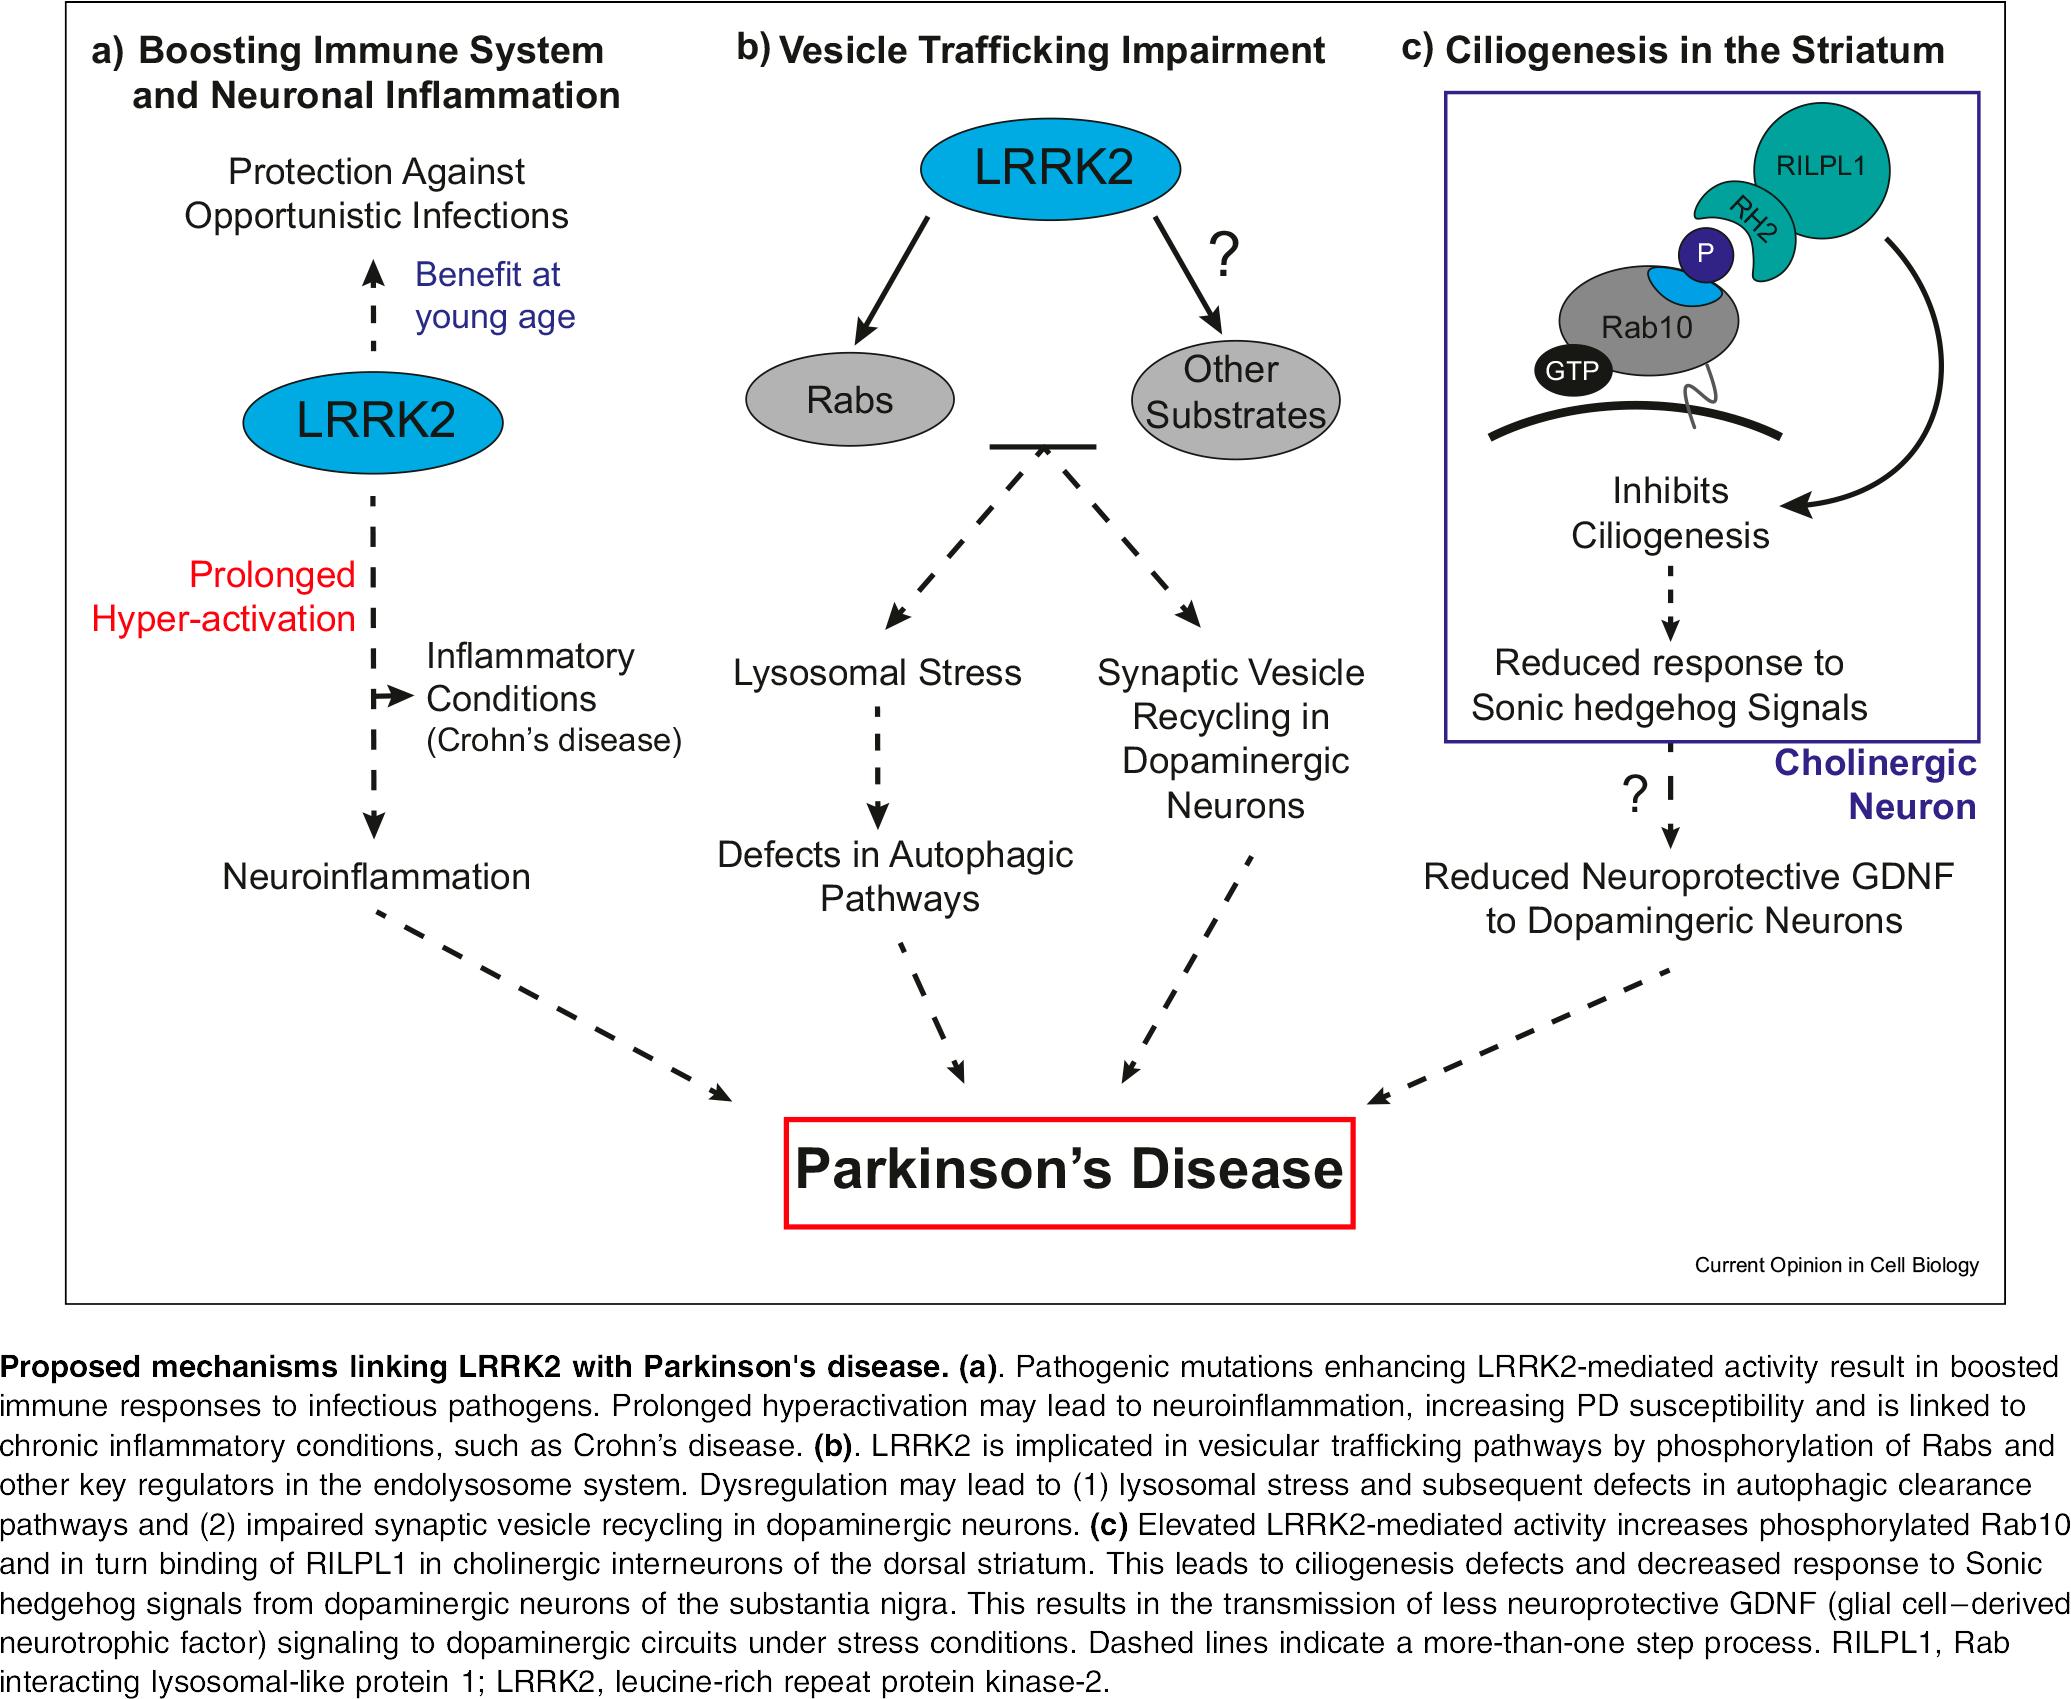 lrrk2 moa - Denali и Biogen: уникальный подход к лечению болезни Паркинсона